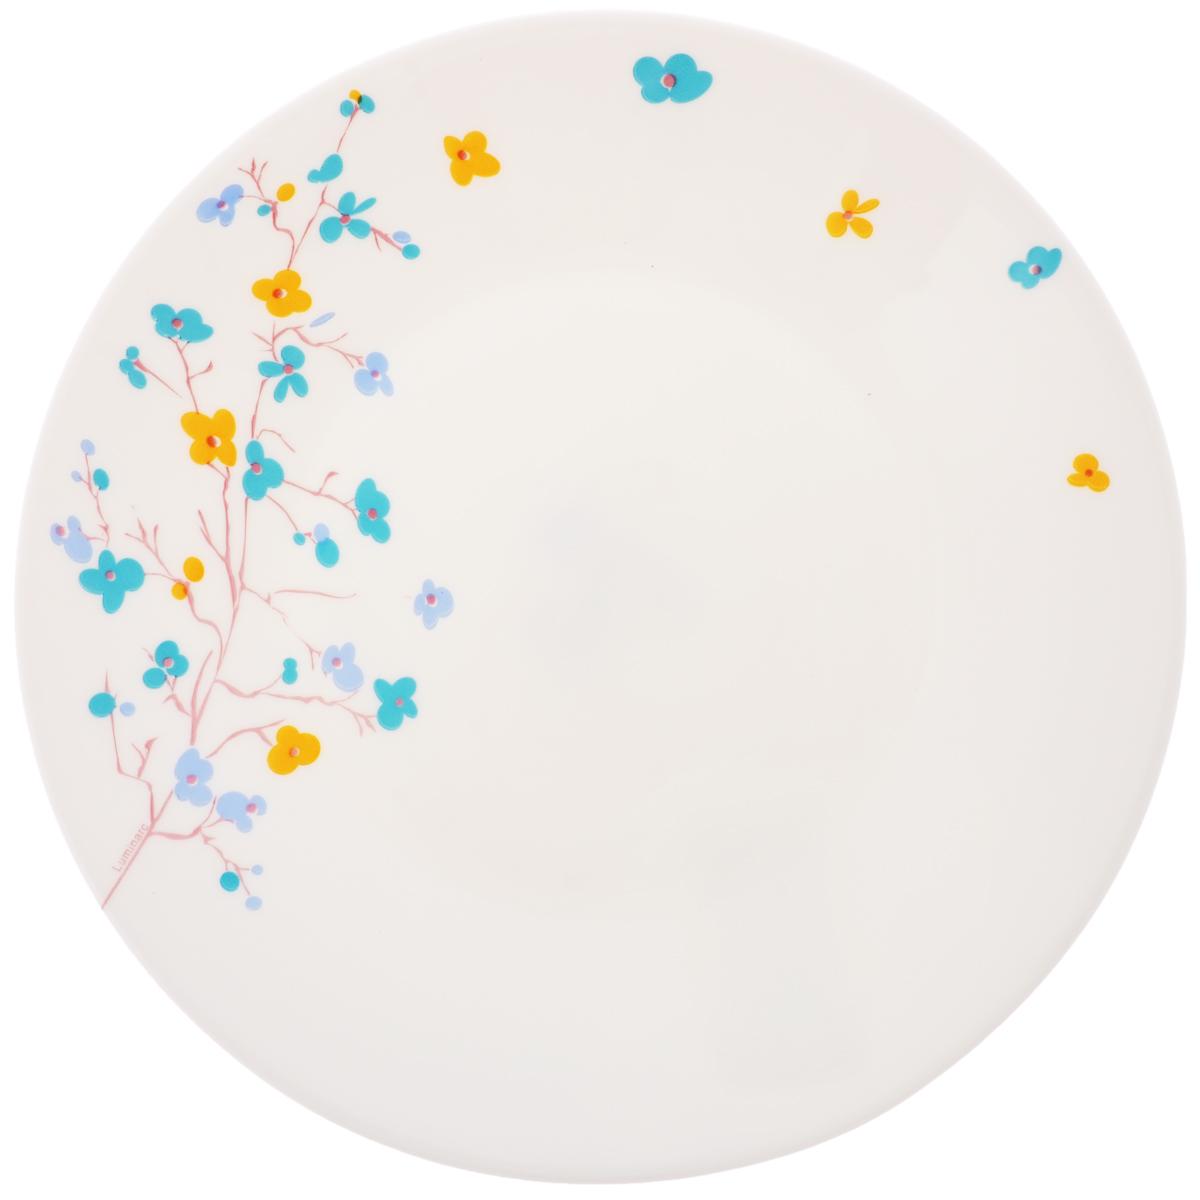 Тарелка десертная Luminarc Zen Essence, диаметр 19,5 смJ3014Десертная тарелка Luminarc Zen Essence, изготовленная из ударопрочного стекла, имеет изысканный внешний вид. Такая тарелка прекрасно подходит как для торжественных случаев, так и для повседневного использования. Идеальна для подачи десертов, пирожных, тортов и многого другого. Она прекрасно оформит стол и станет отличным дополнением к вашей коллекции кухонной посуды. Диаметр тарелки (по верхнему краю): 19,5 см.